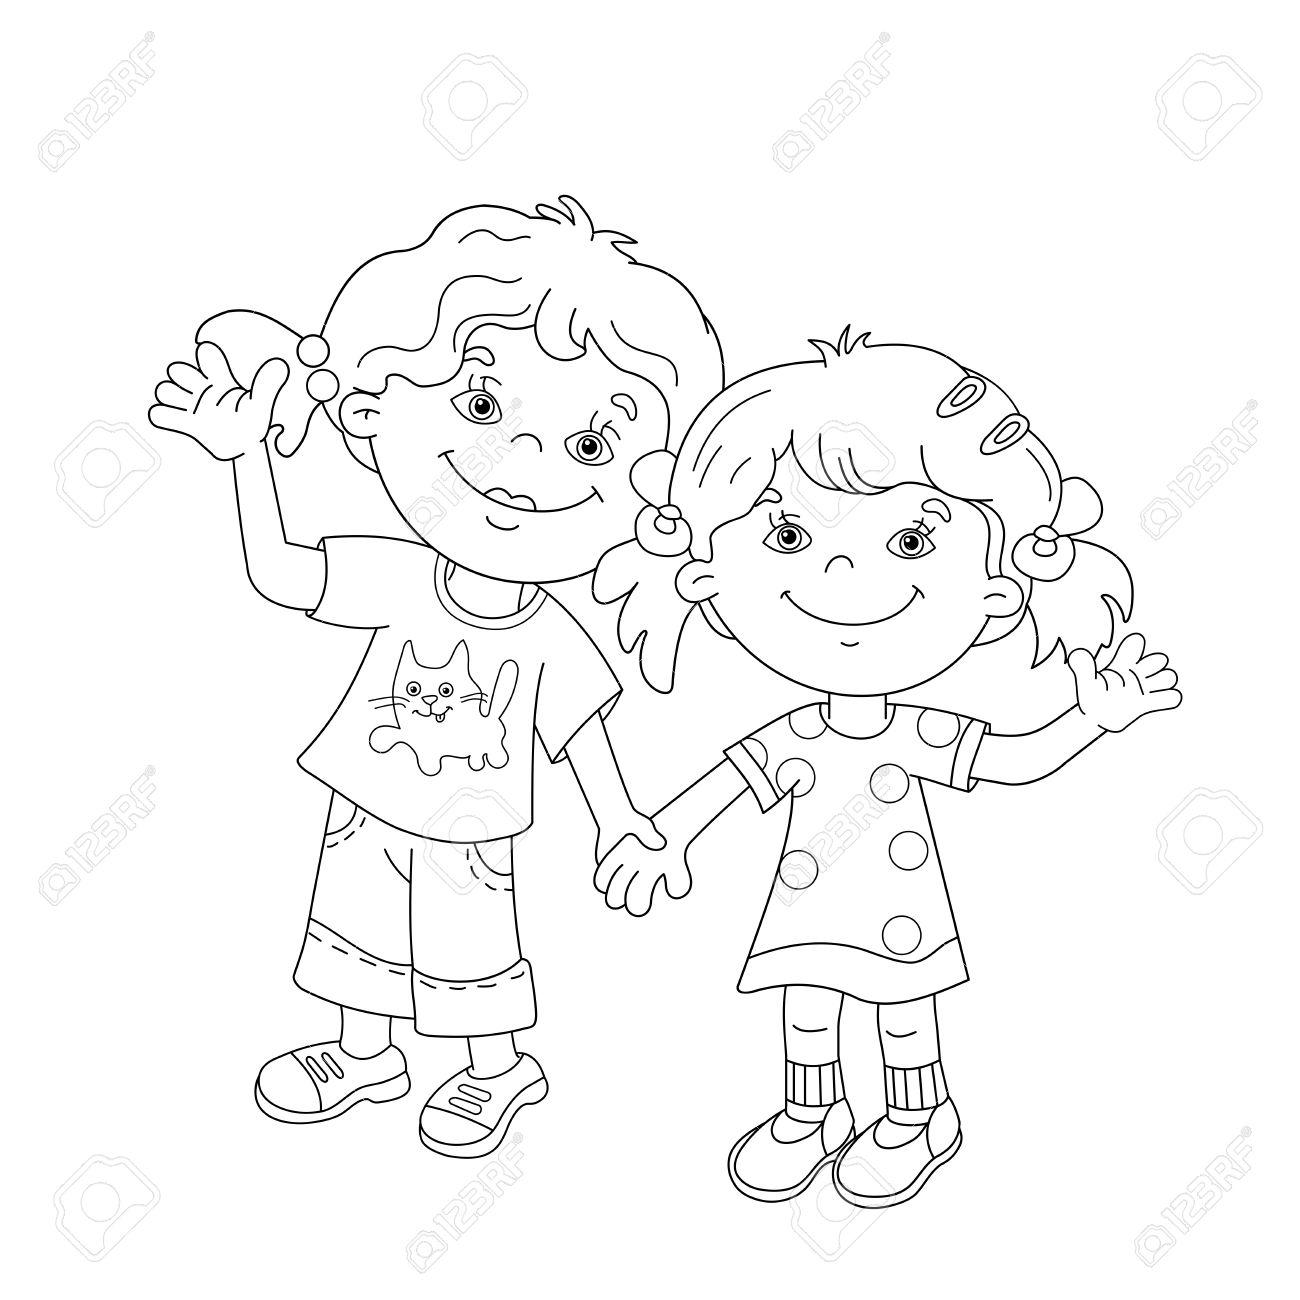 Página Para Colorear Esquema De Las Niñas De Dibujos Animados Con Las Manos Libro De Colorear Para Niños